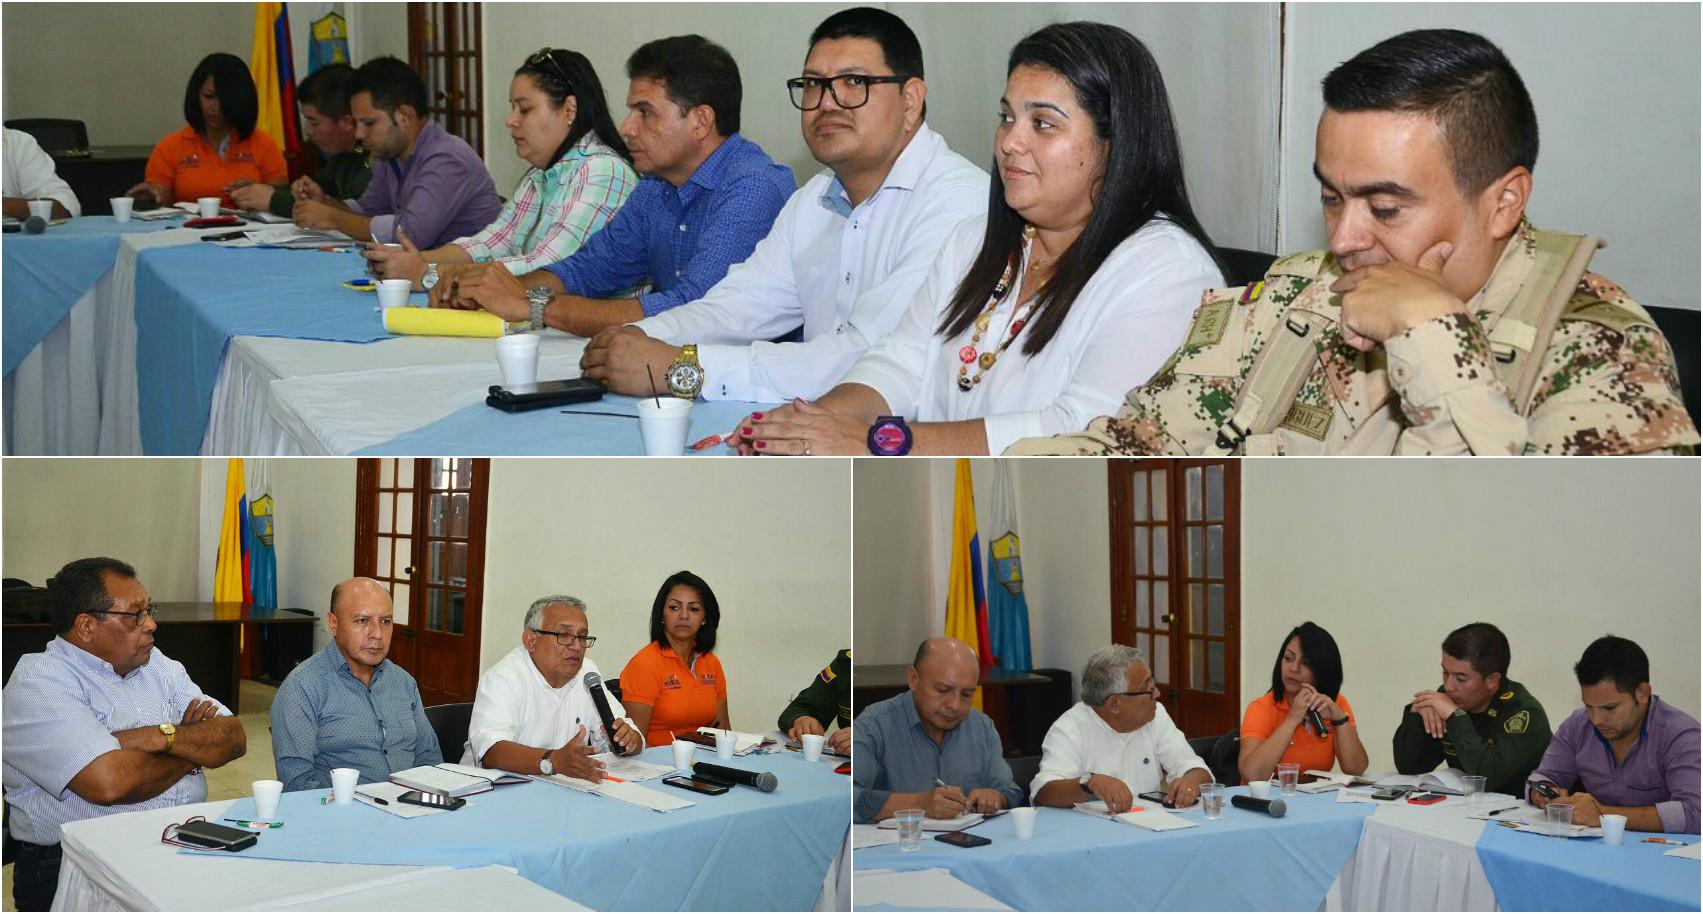 Comisión Distrital de Seguimiento Electoral definió logística para Consulta Anticorrupción del 26 de agosto